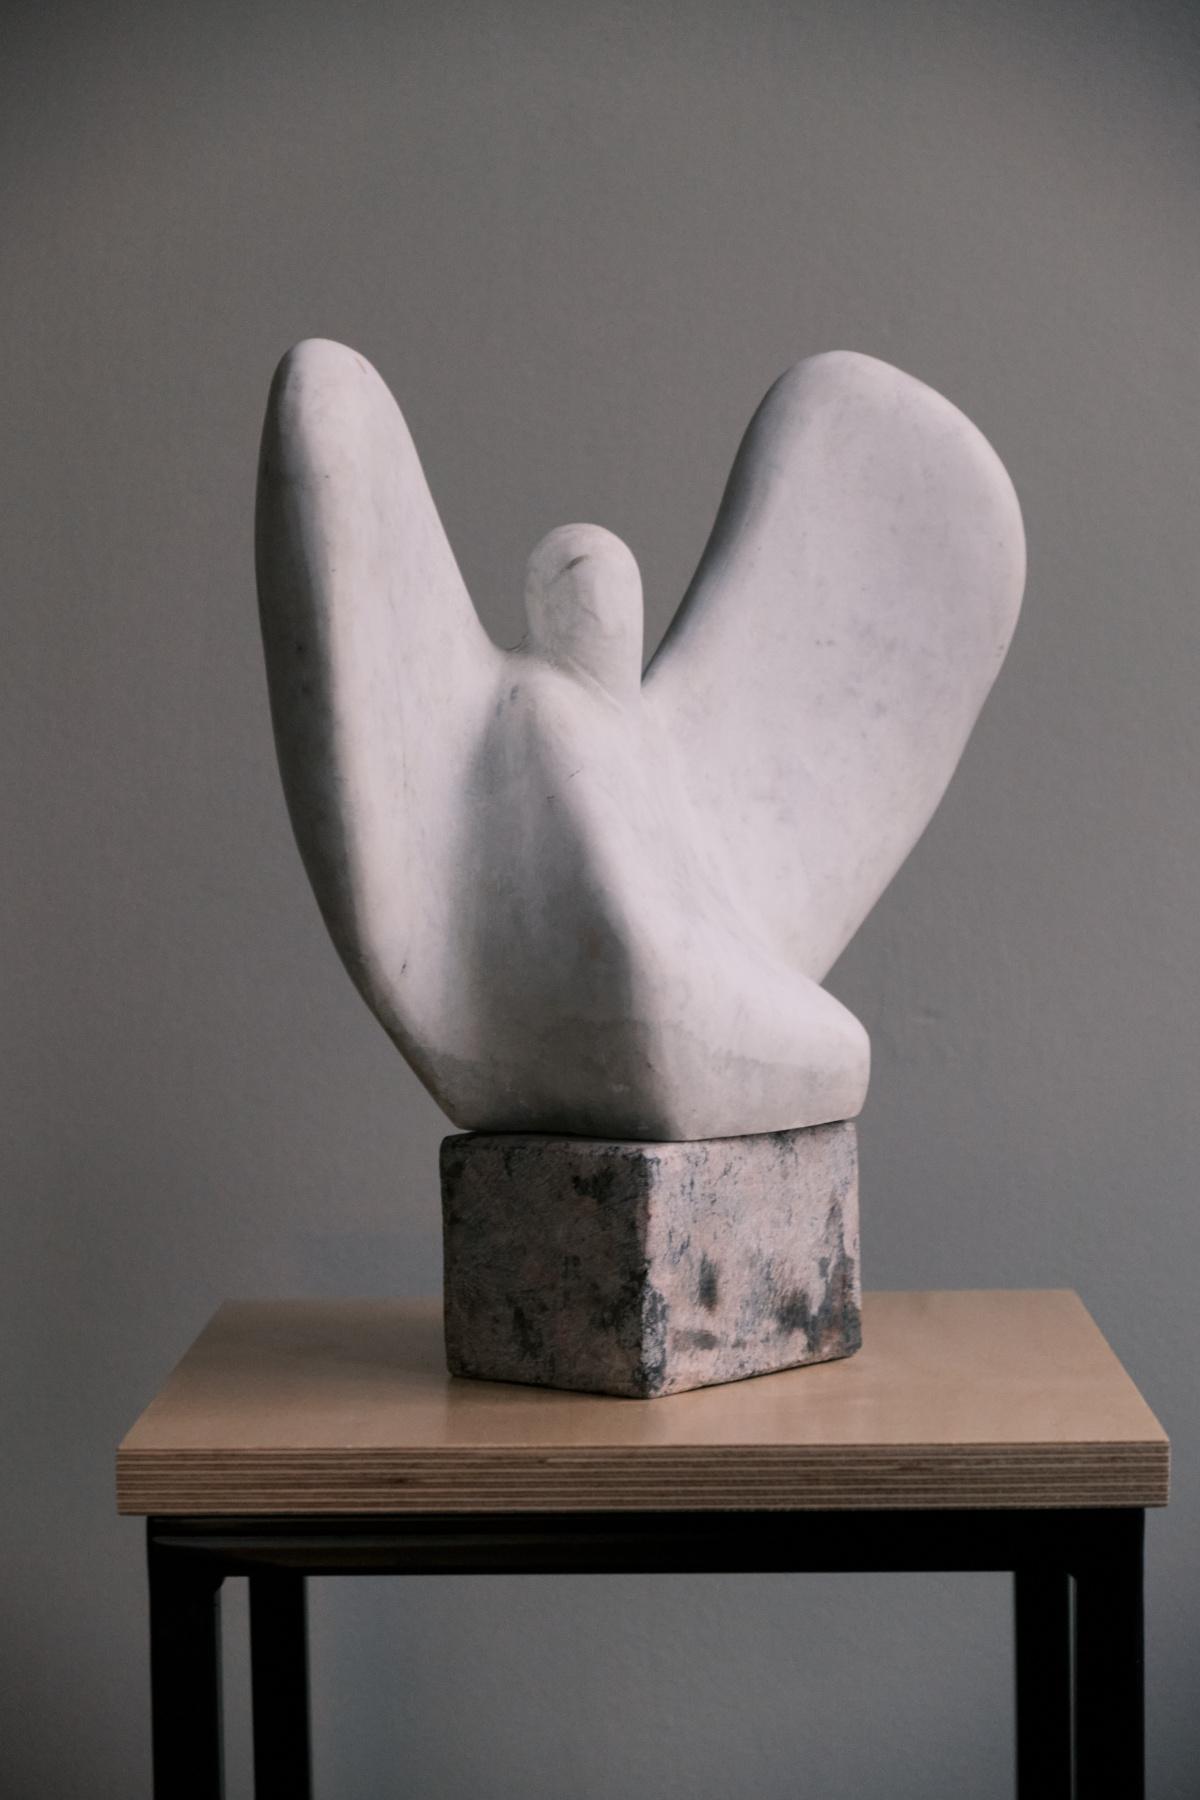 Marina Lvovna Spivak. Angel